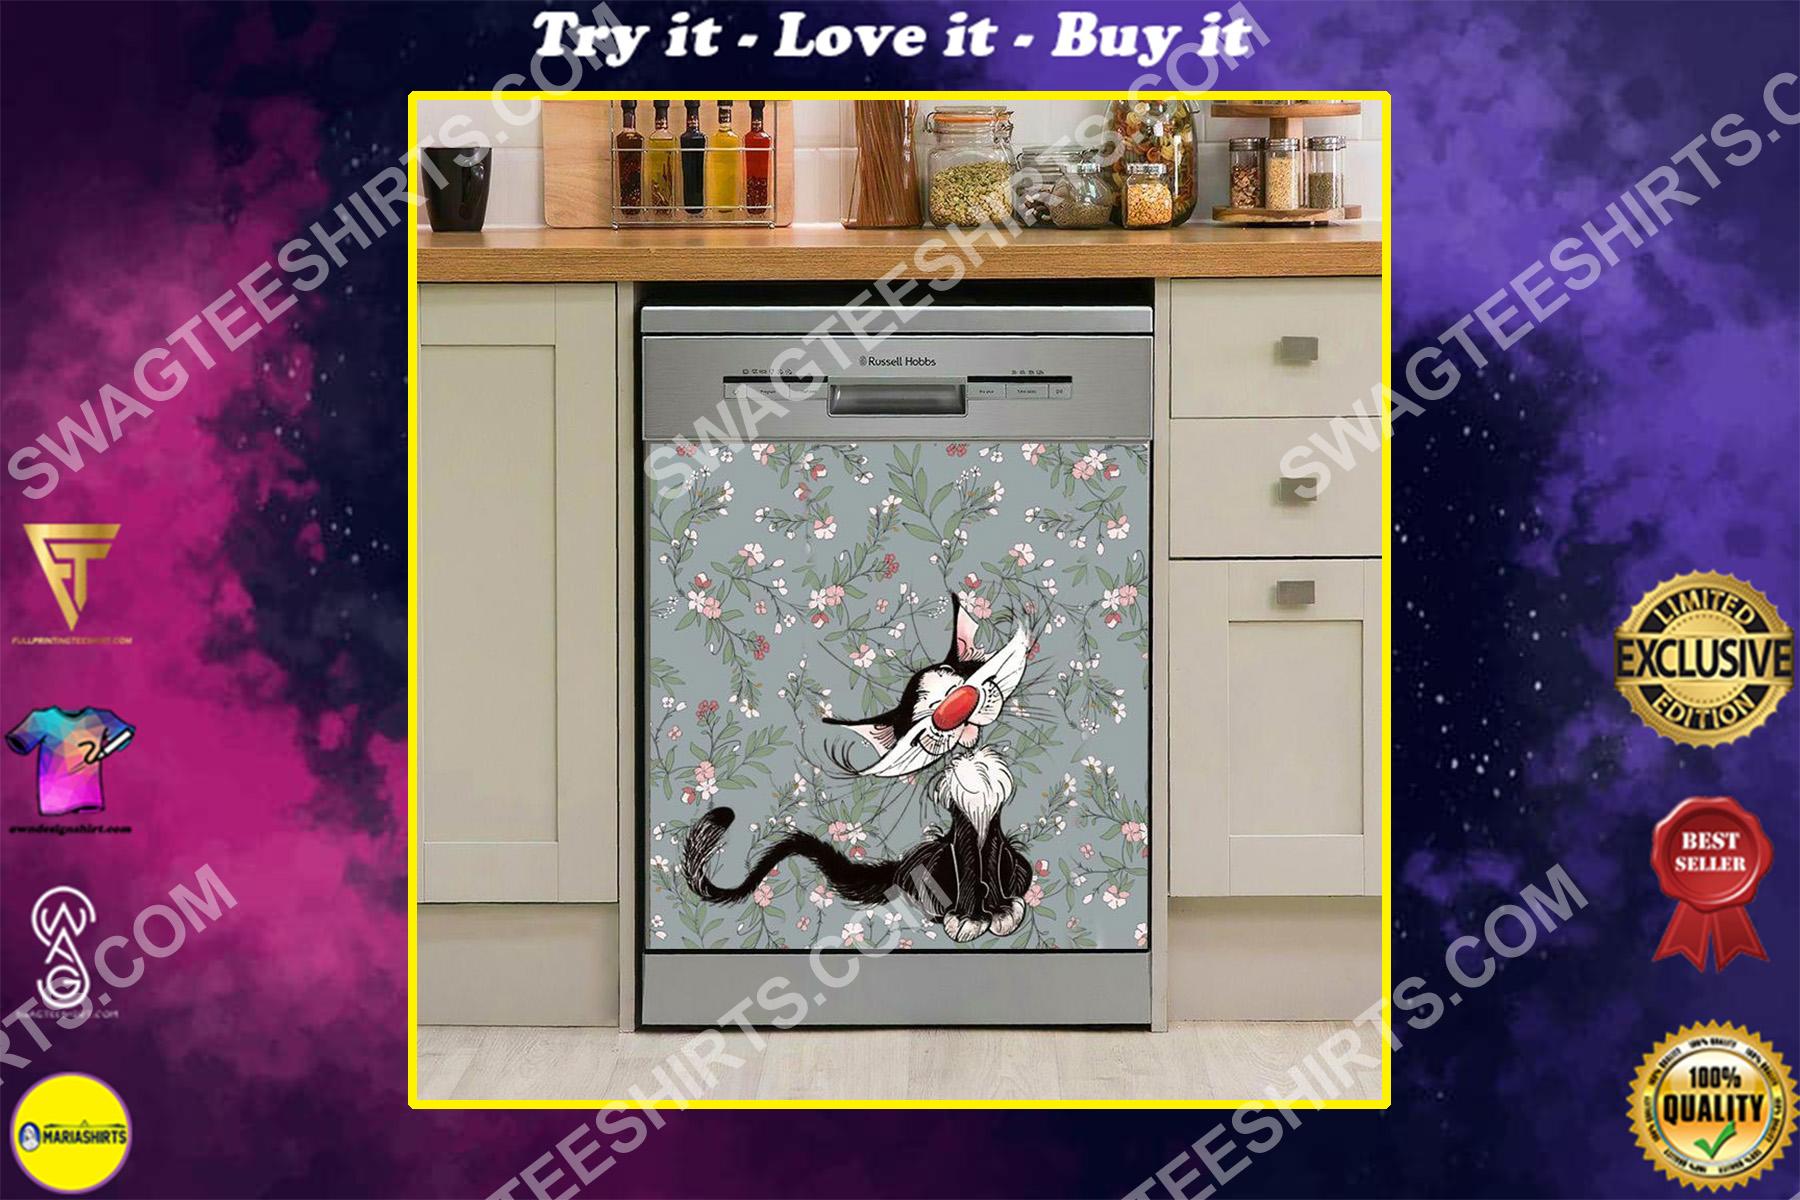 cat floral kitchen decorative dishwasher magnet cover